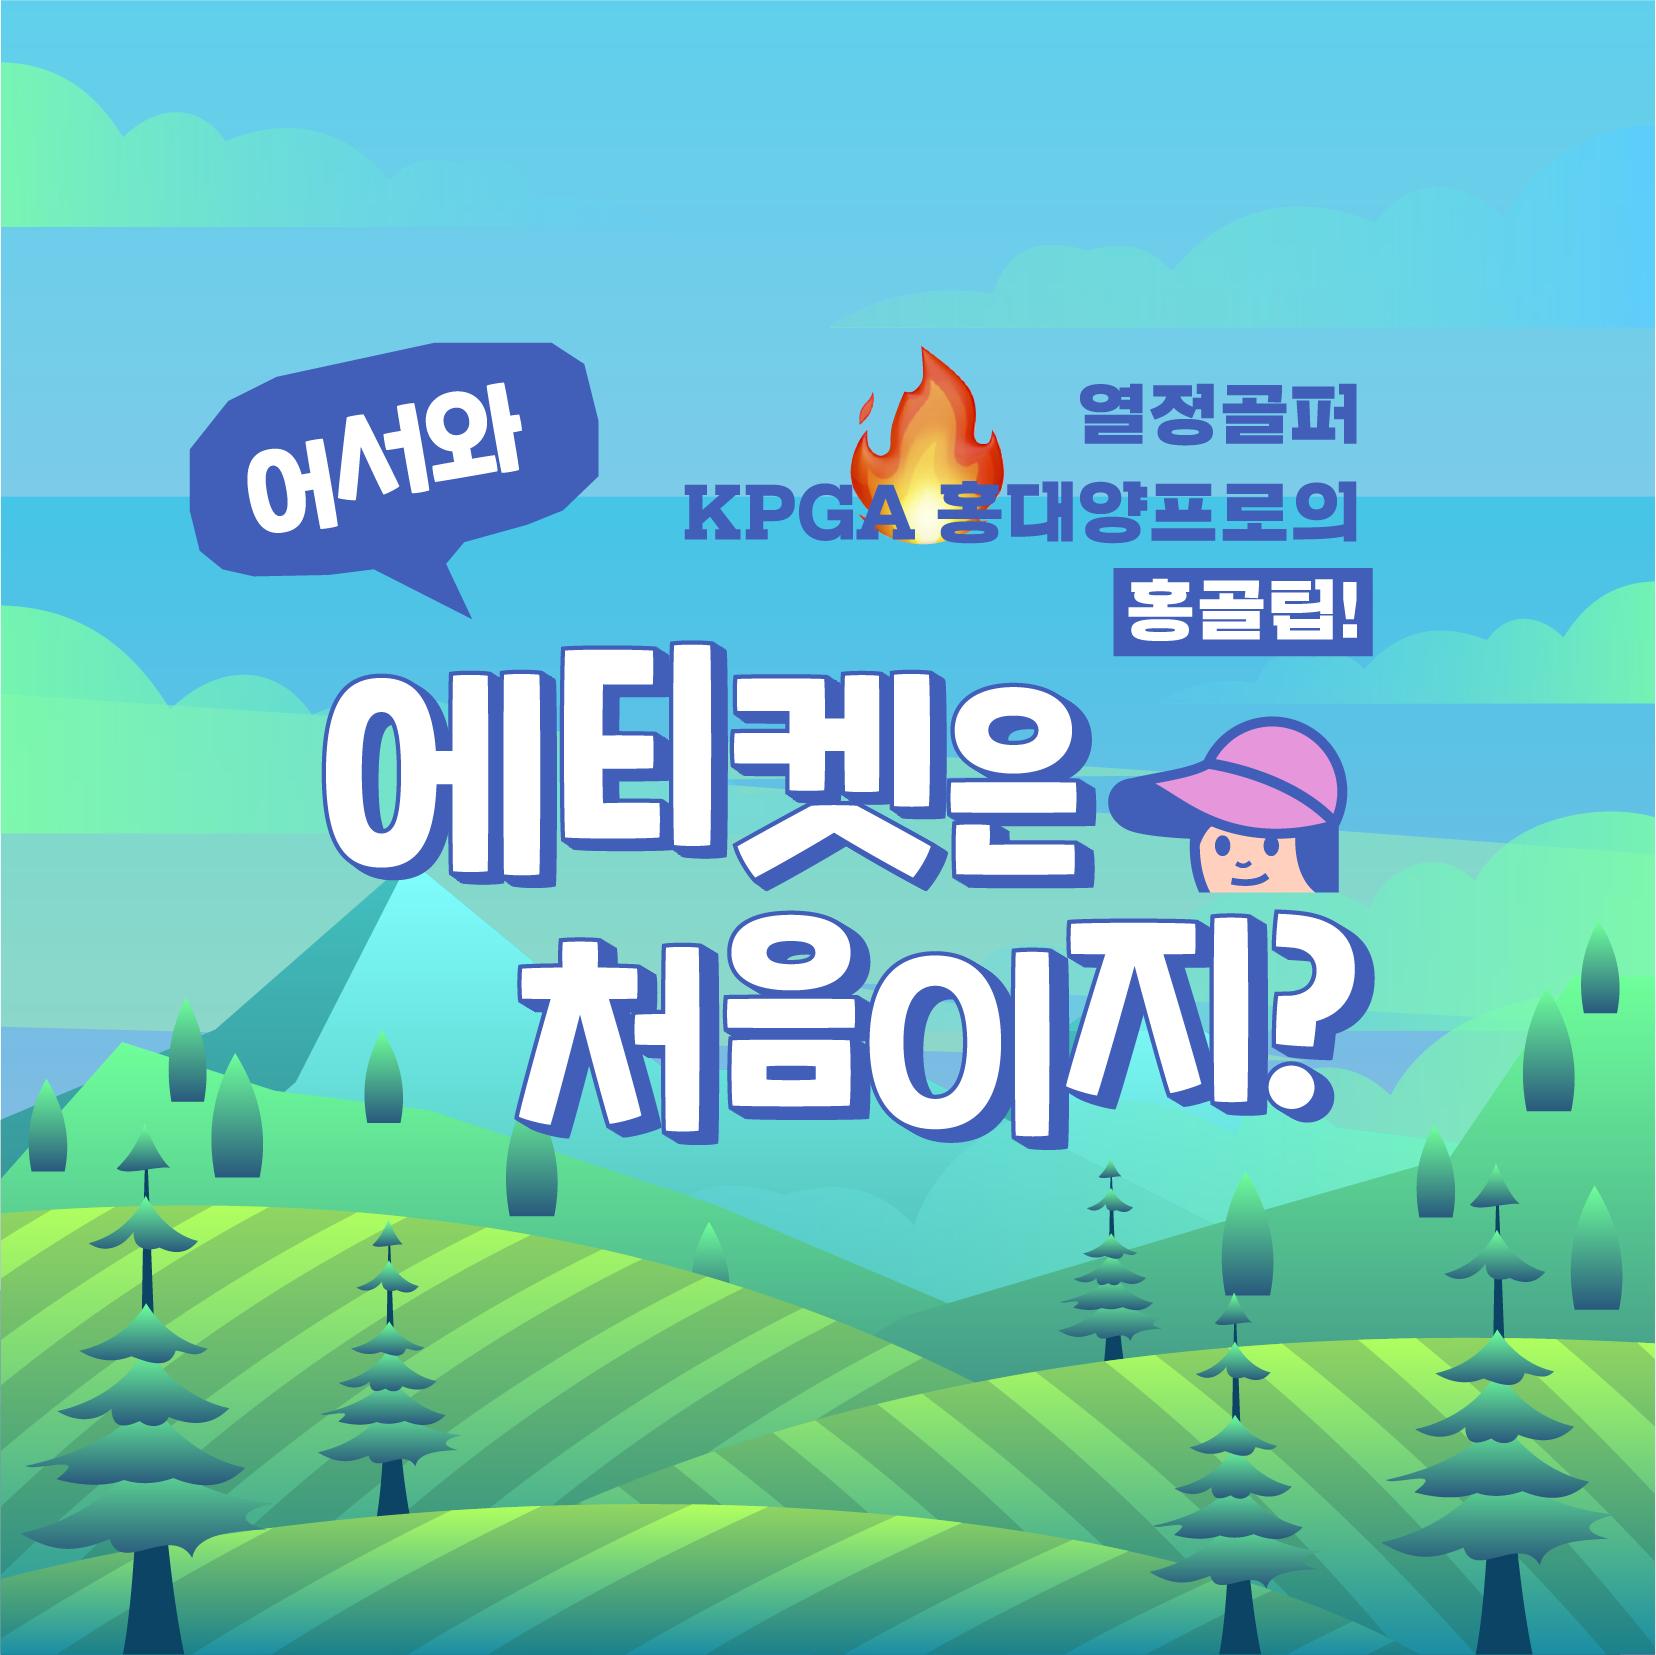 kpga-홍대양-프로-x-김캐디-골프-에티켓-완벽-정리